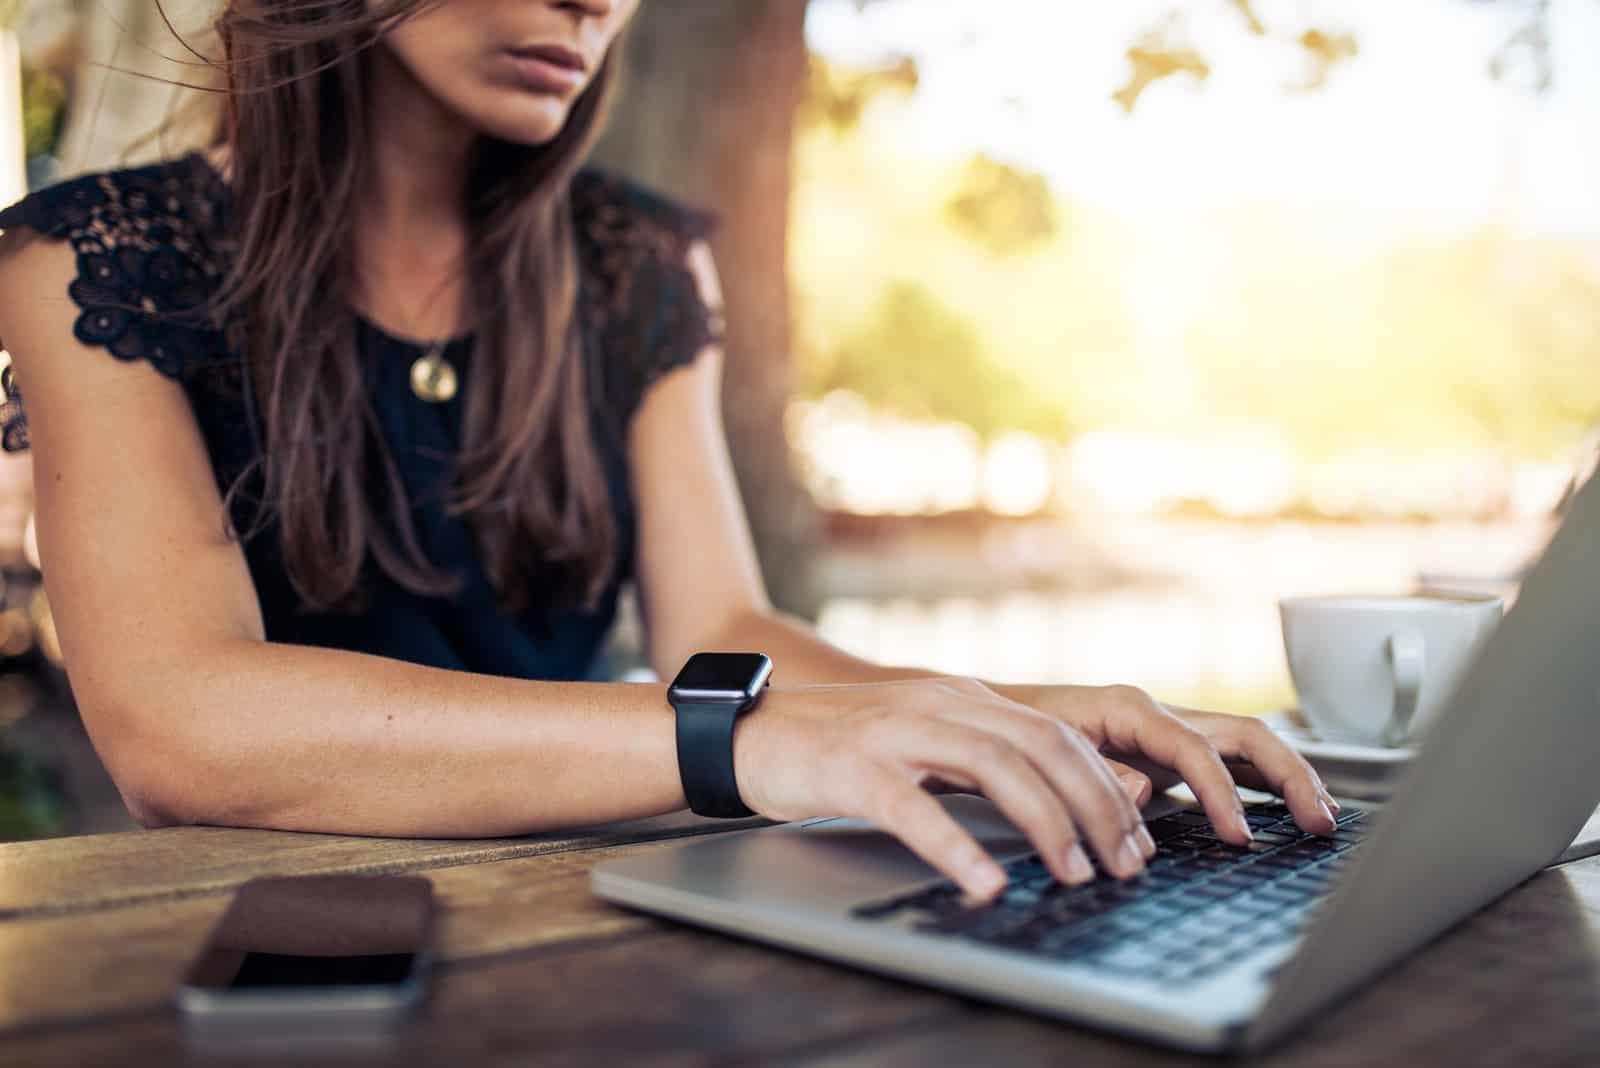 bouton cheveux noirs femme sur ordinateur portable